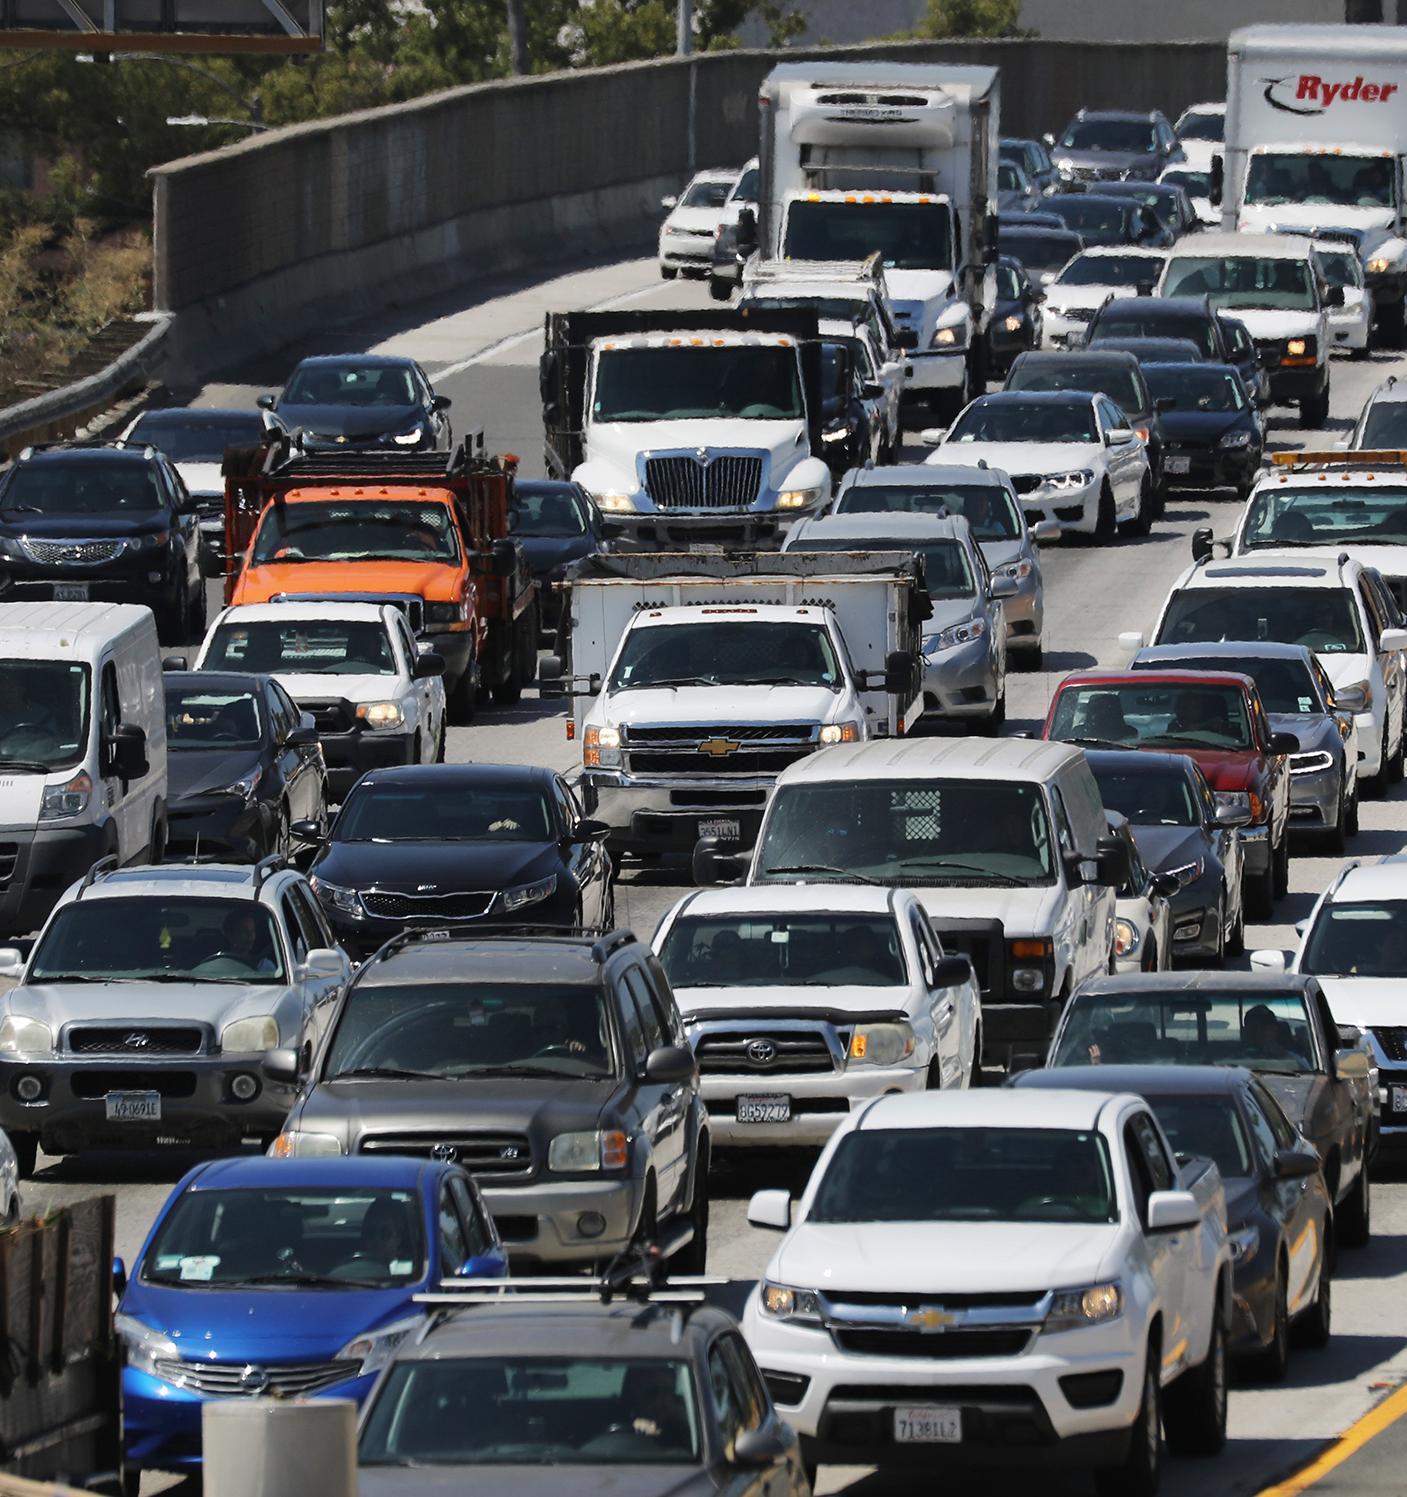 В Калифорнии с 2035 года не будут продавать автомобили с двигателями внутреннего сгорания